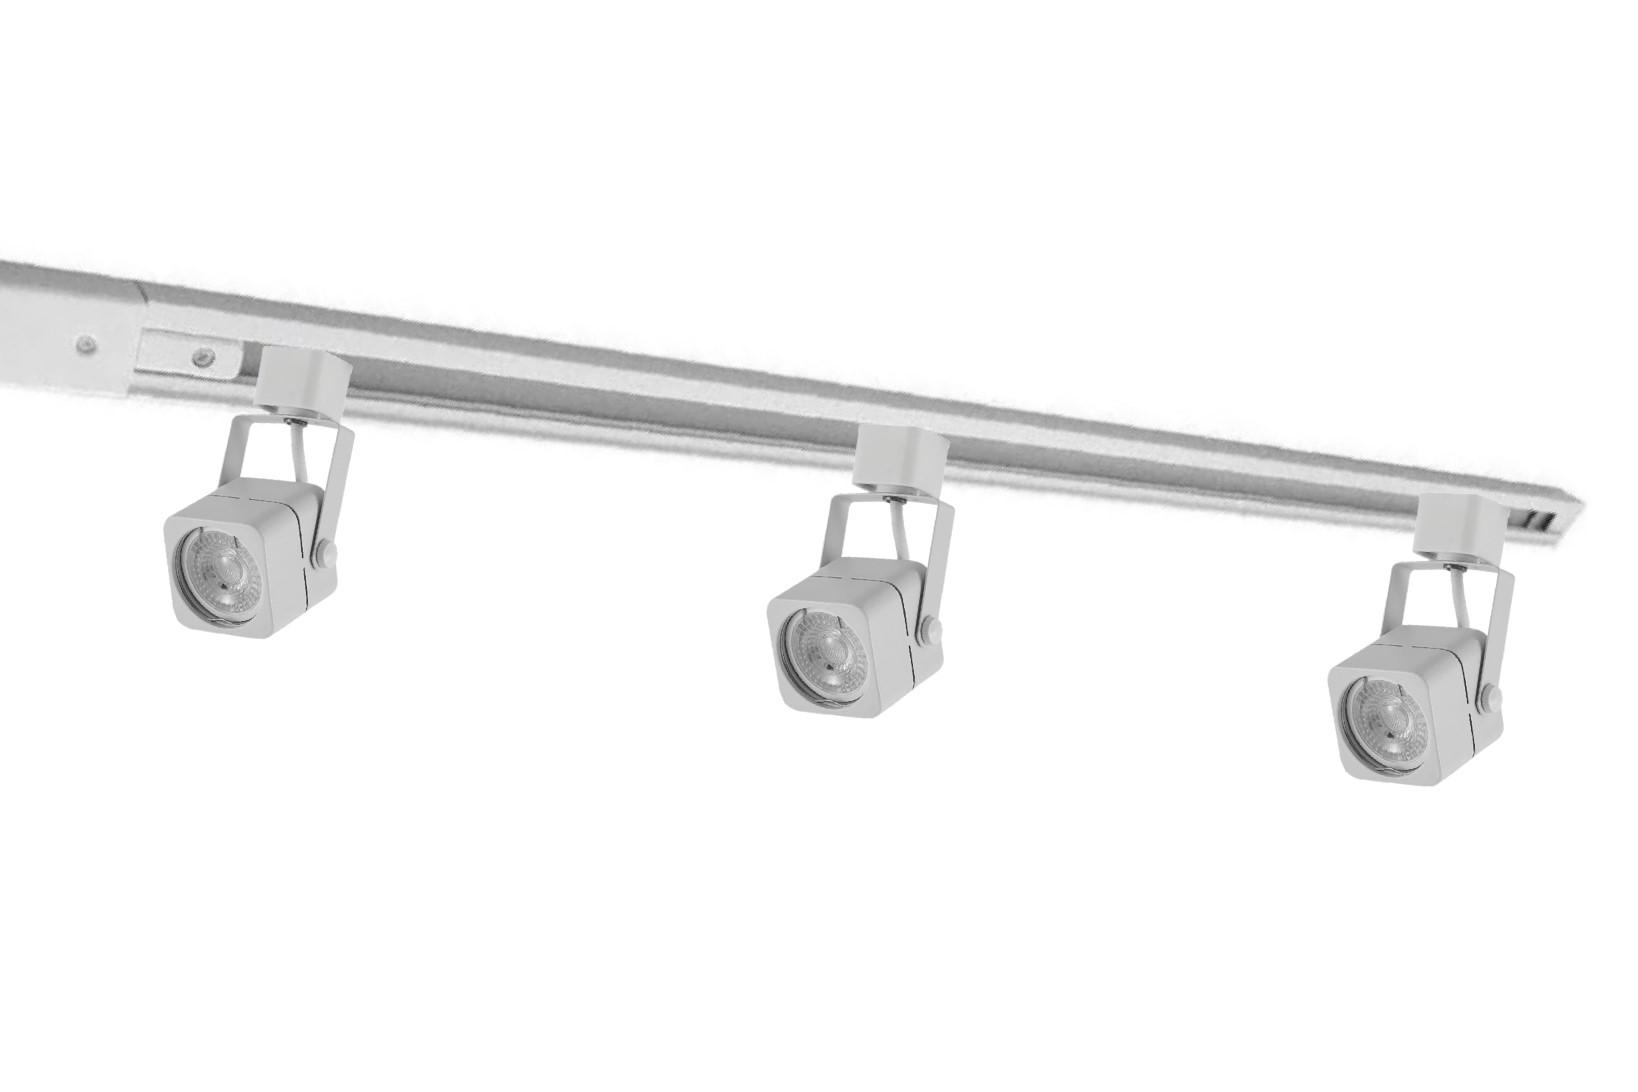 Kit Trilho Eletrificado 1m Branco Nordecor + 3 Spot Quad MR16 / GU10 Para Sala Quarto Cozinha Quadro